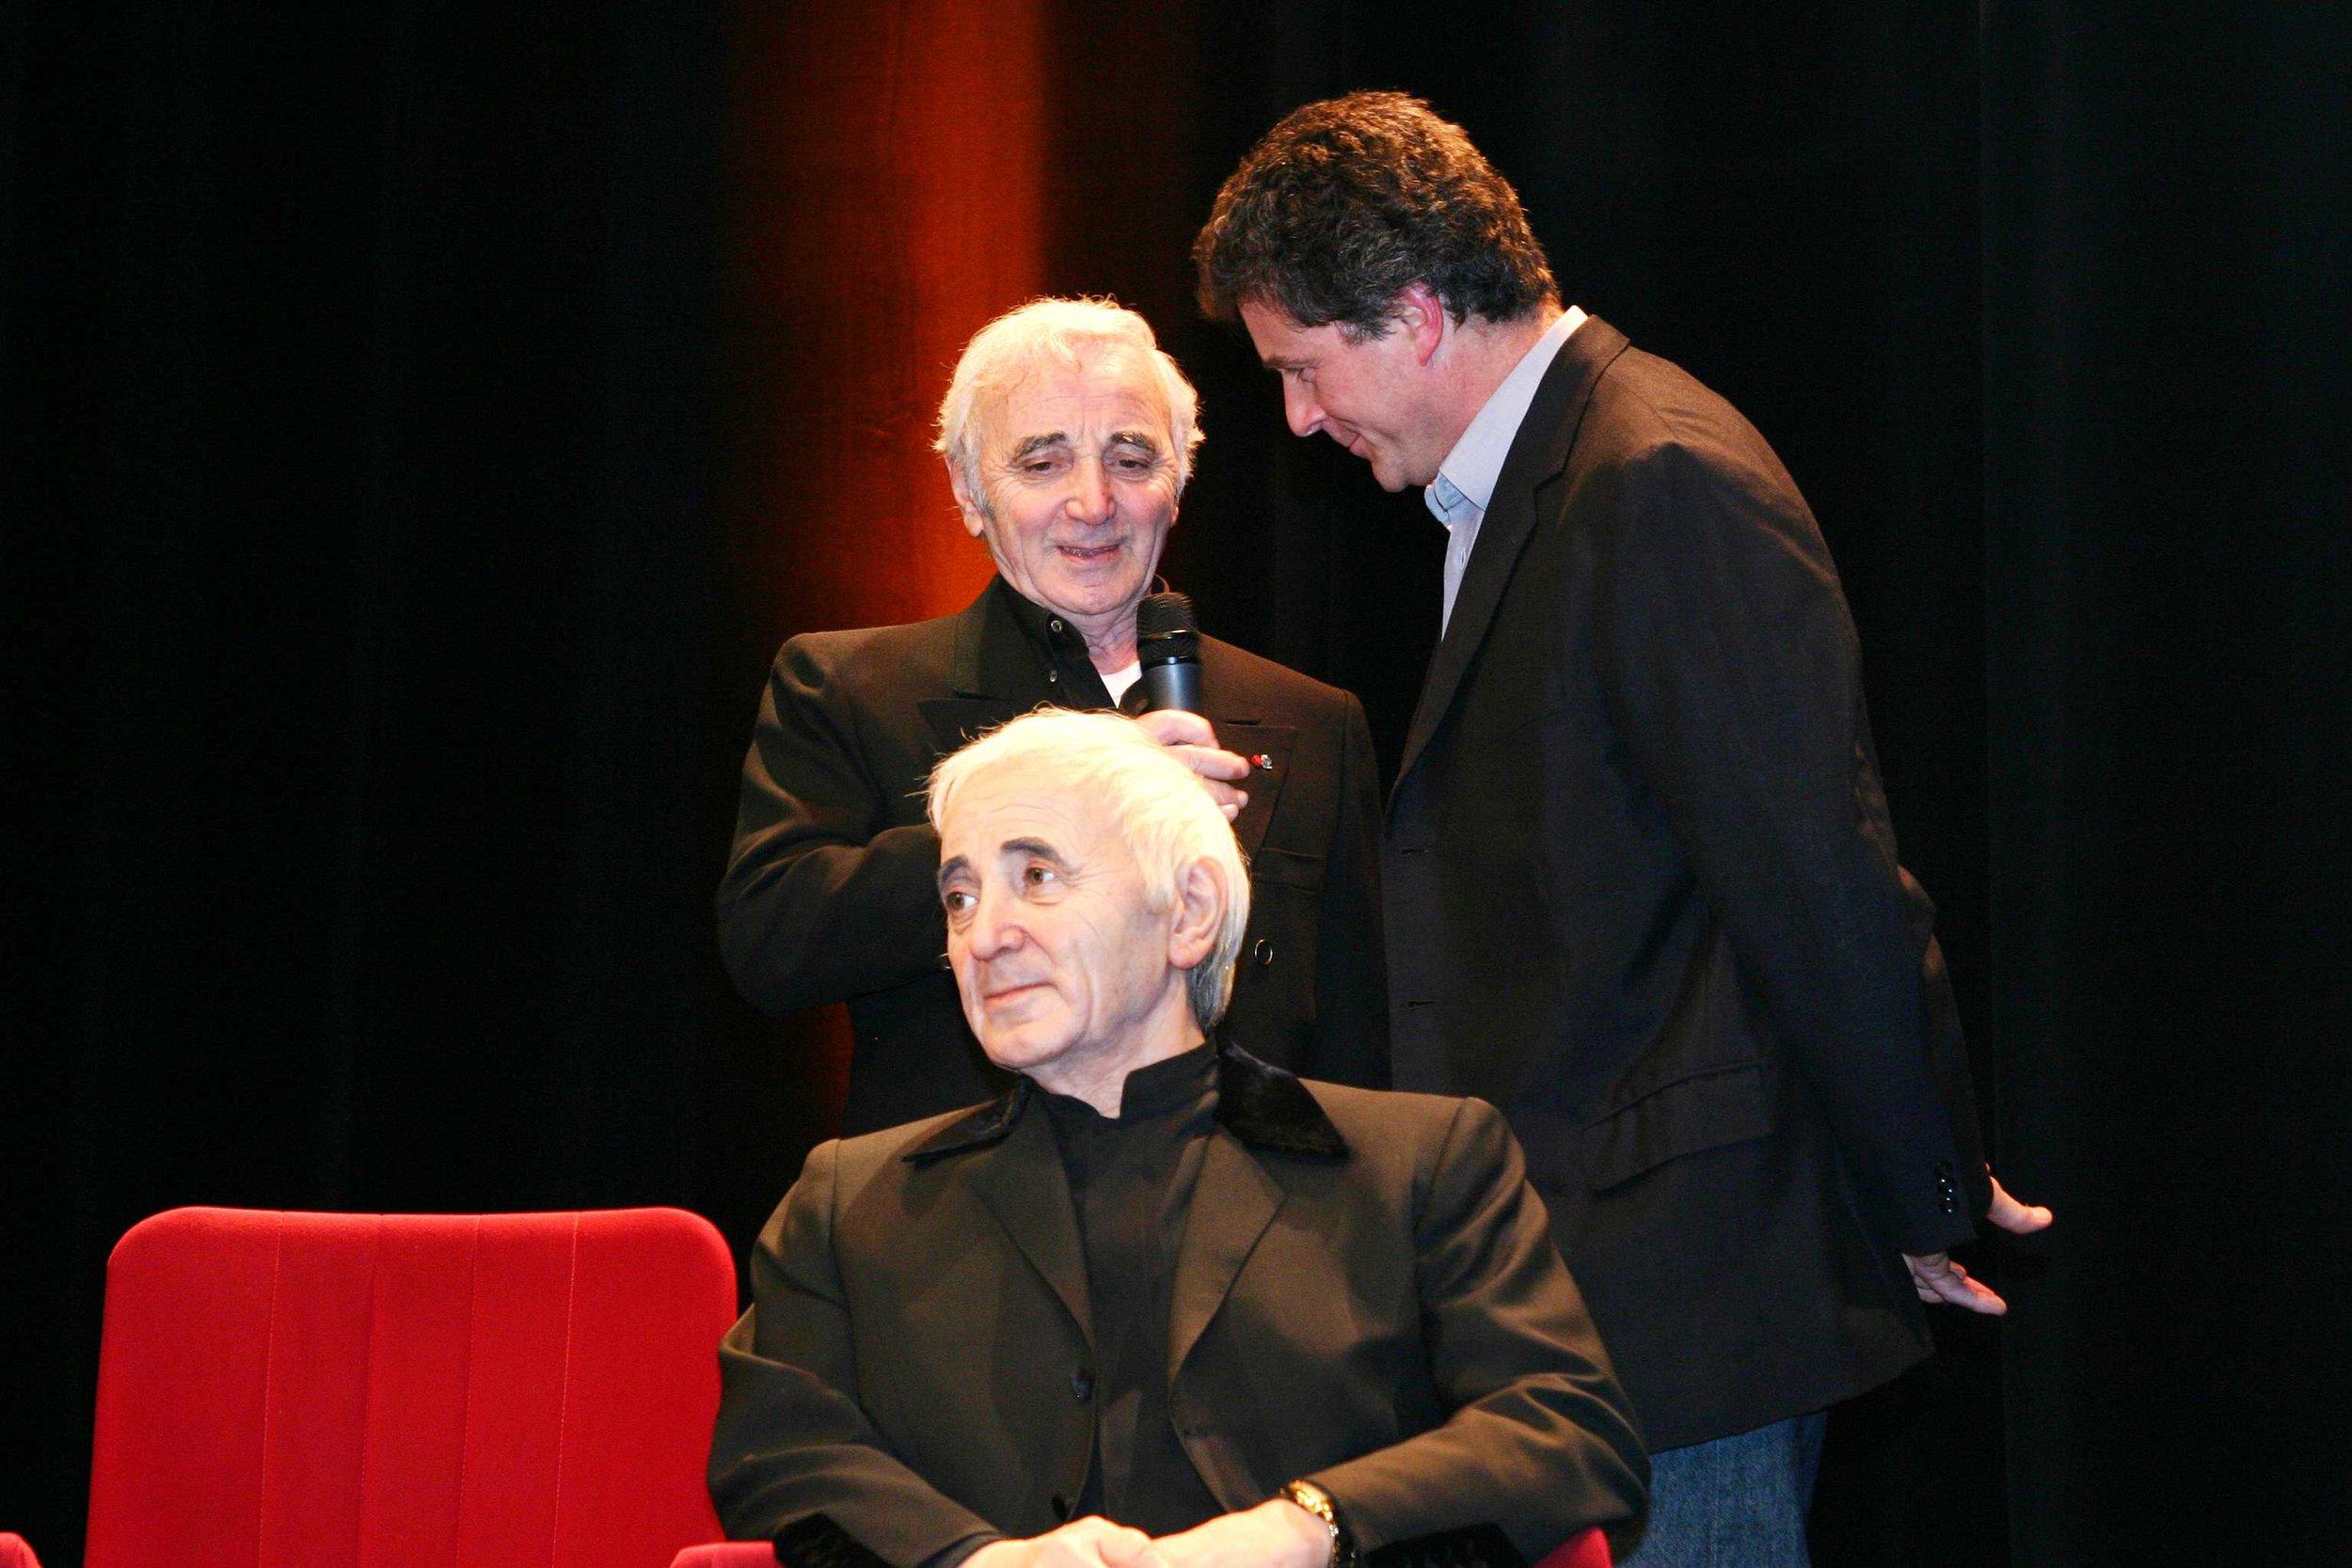 Charles Aznavour - Sculpture en cire hyper-réaliste - Crédit Musée Grévin - Modelling Eric Saint Chaffray